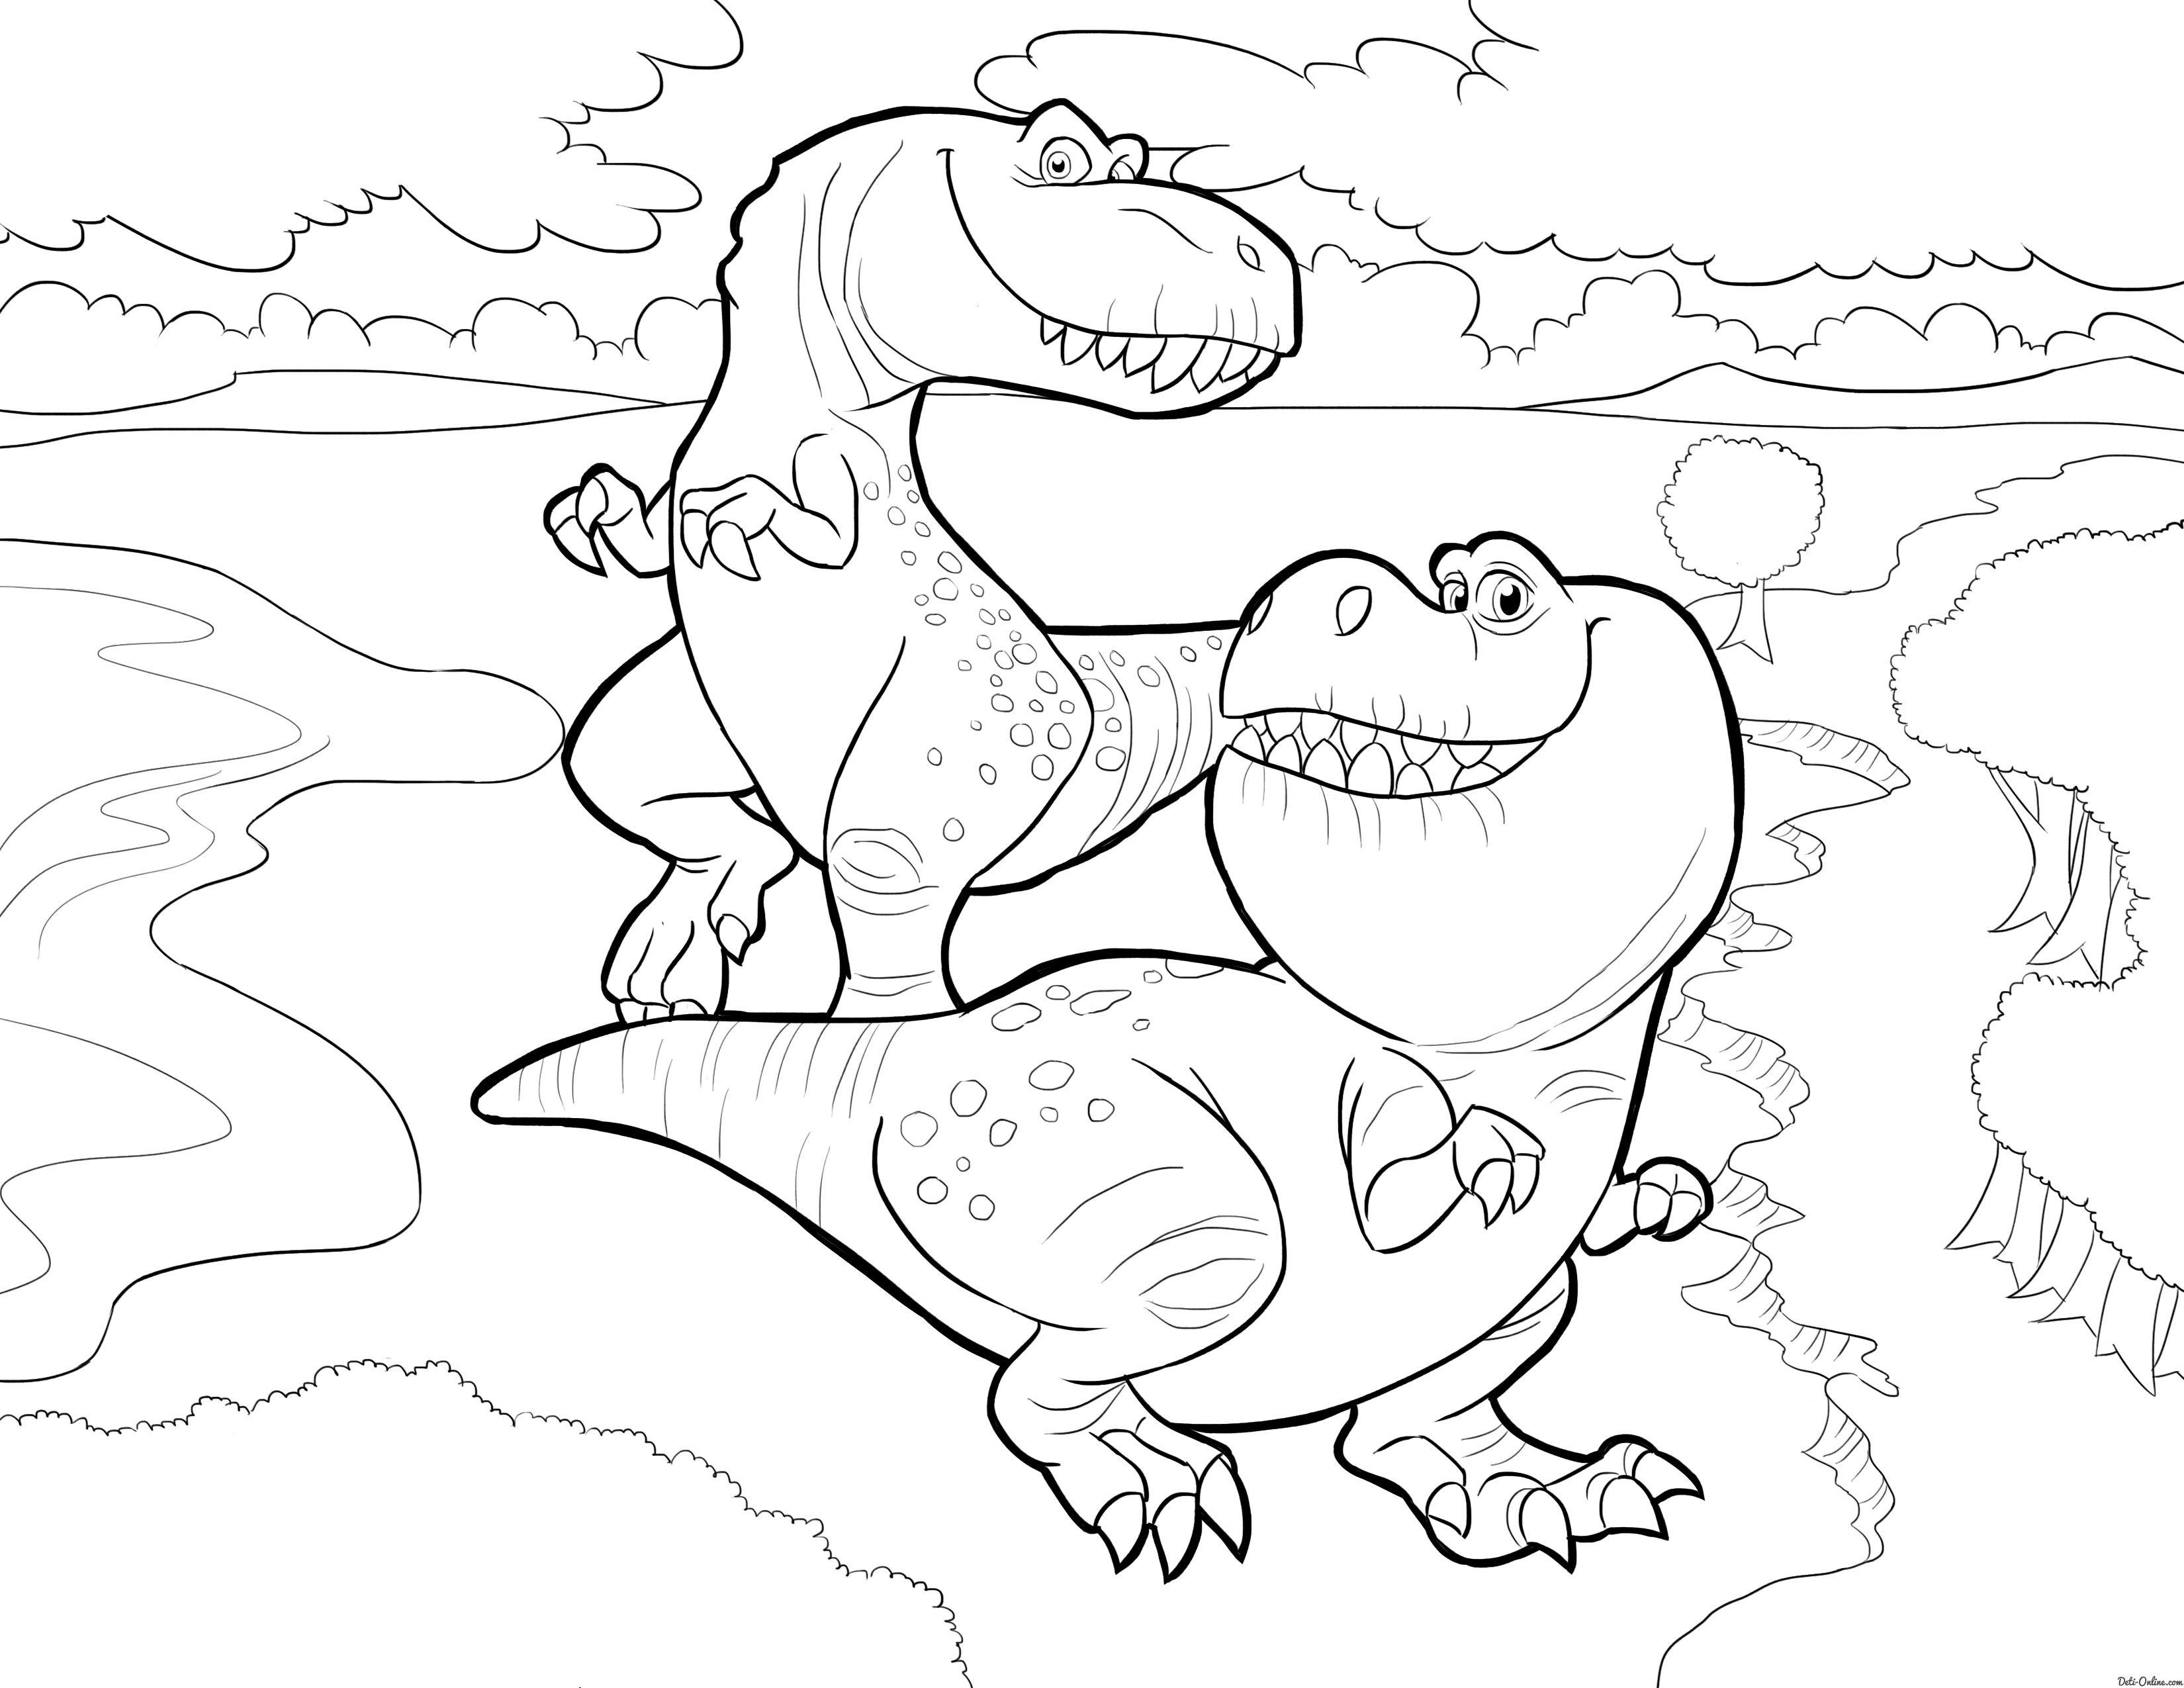 Раскраска Динозавры | Раскраски с животными, Раскраски ...